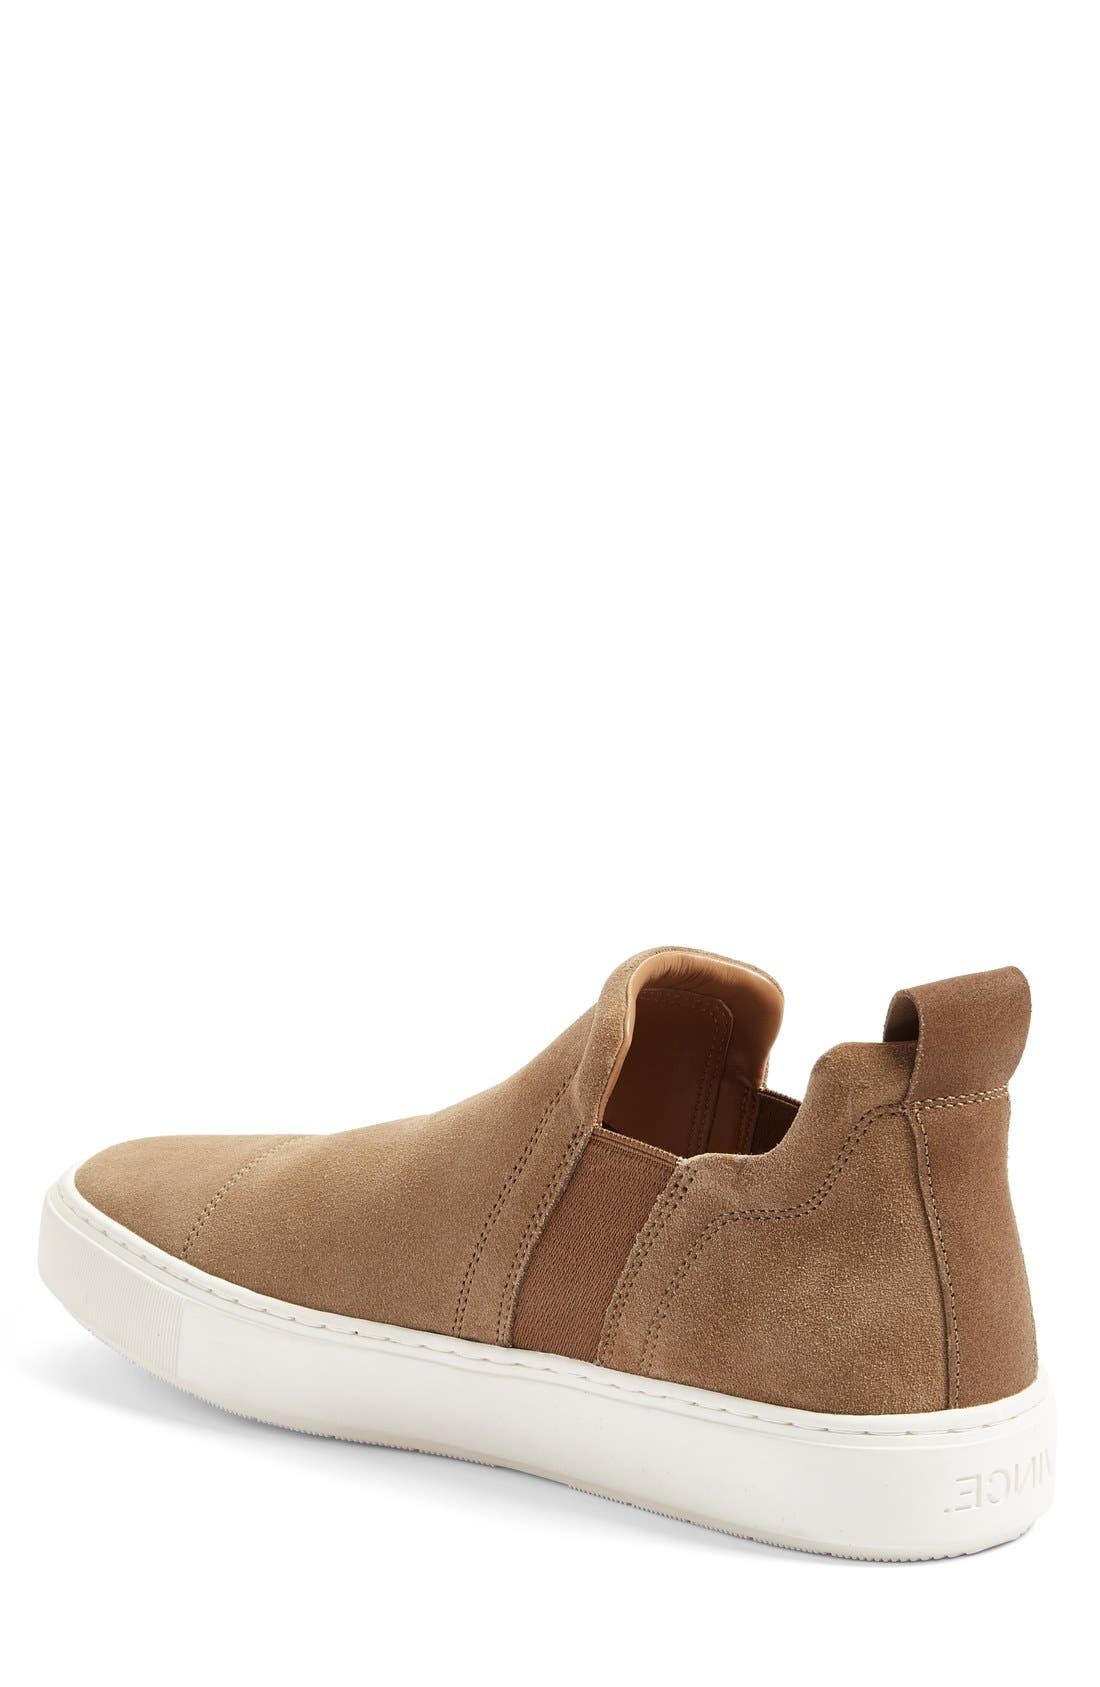 Lucio Slip-On Sneaker,                             Alternate thumbnail 20, color,